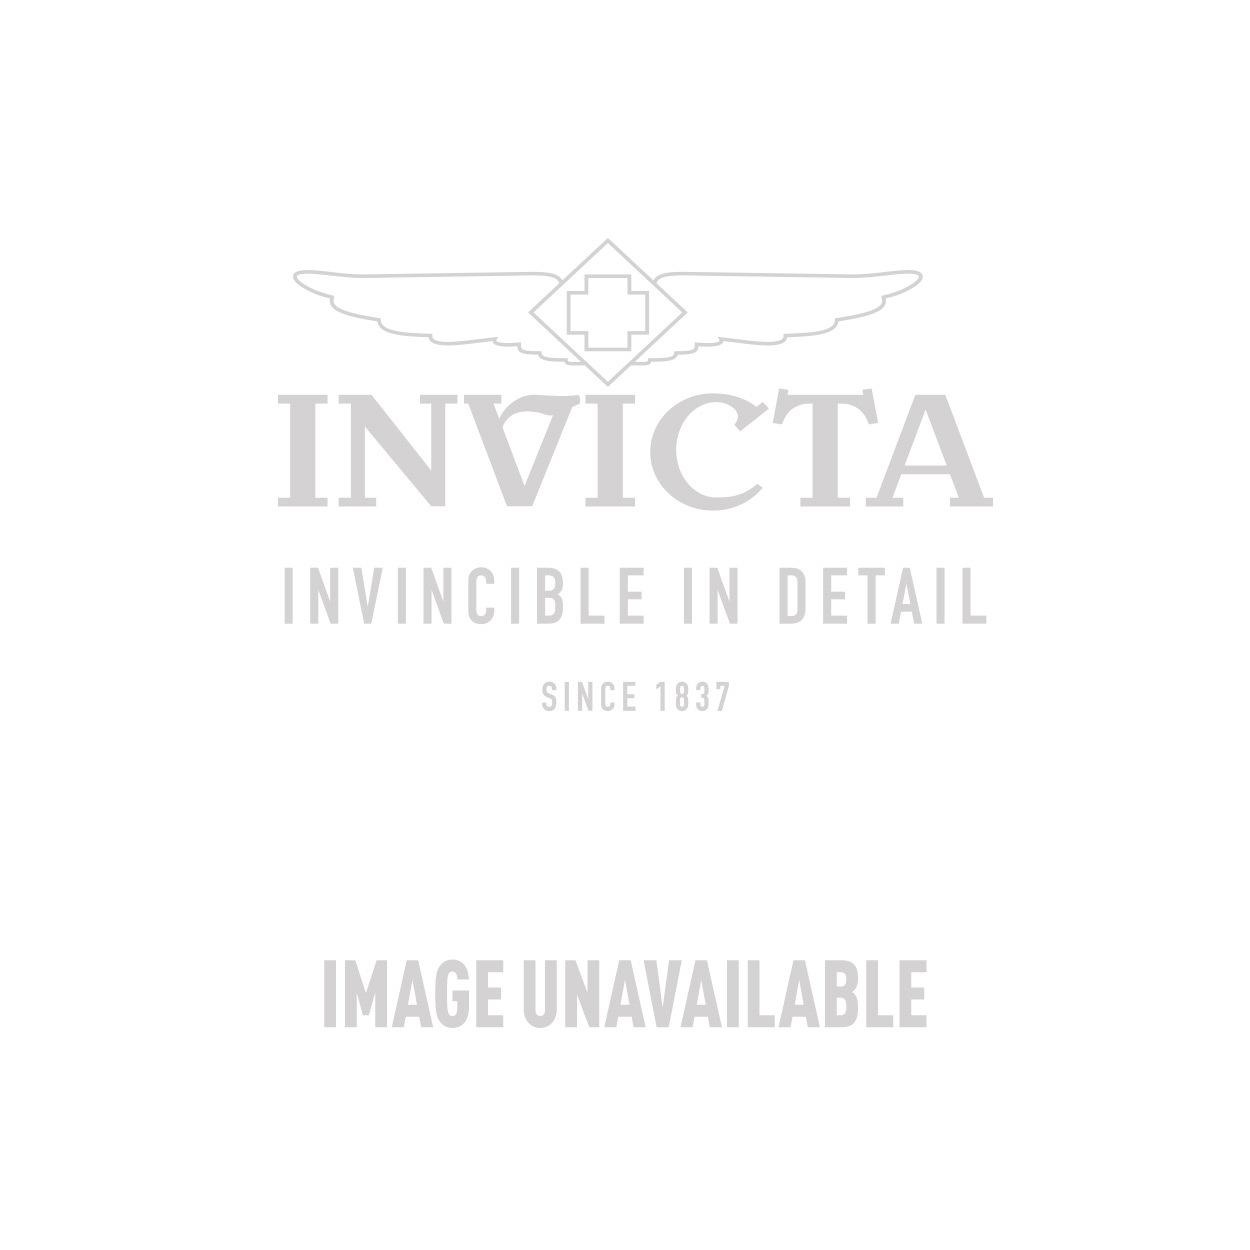 Invicta Model 28056